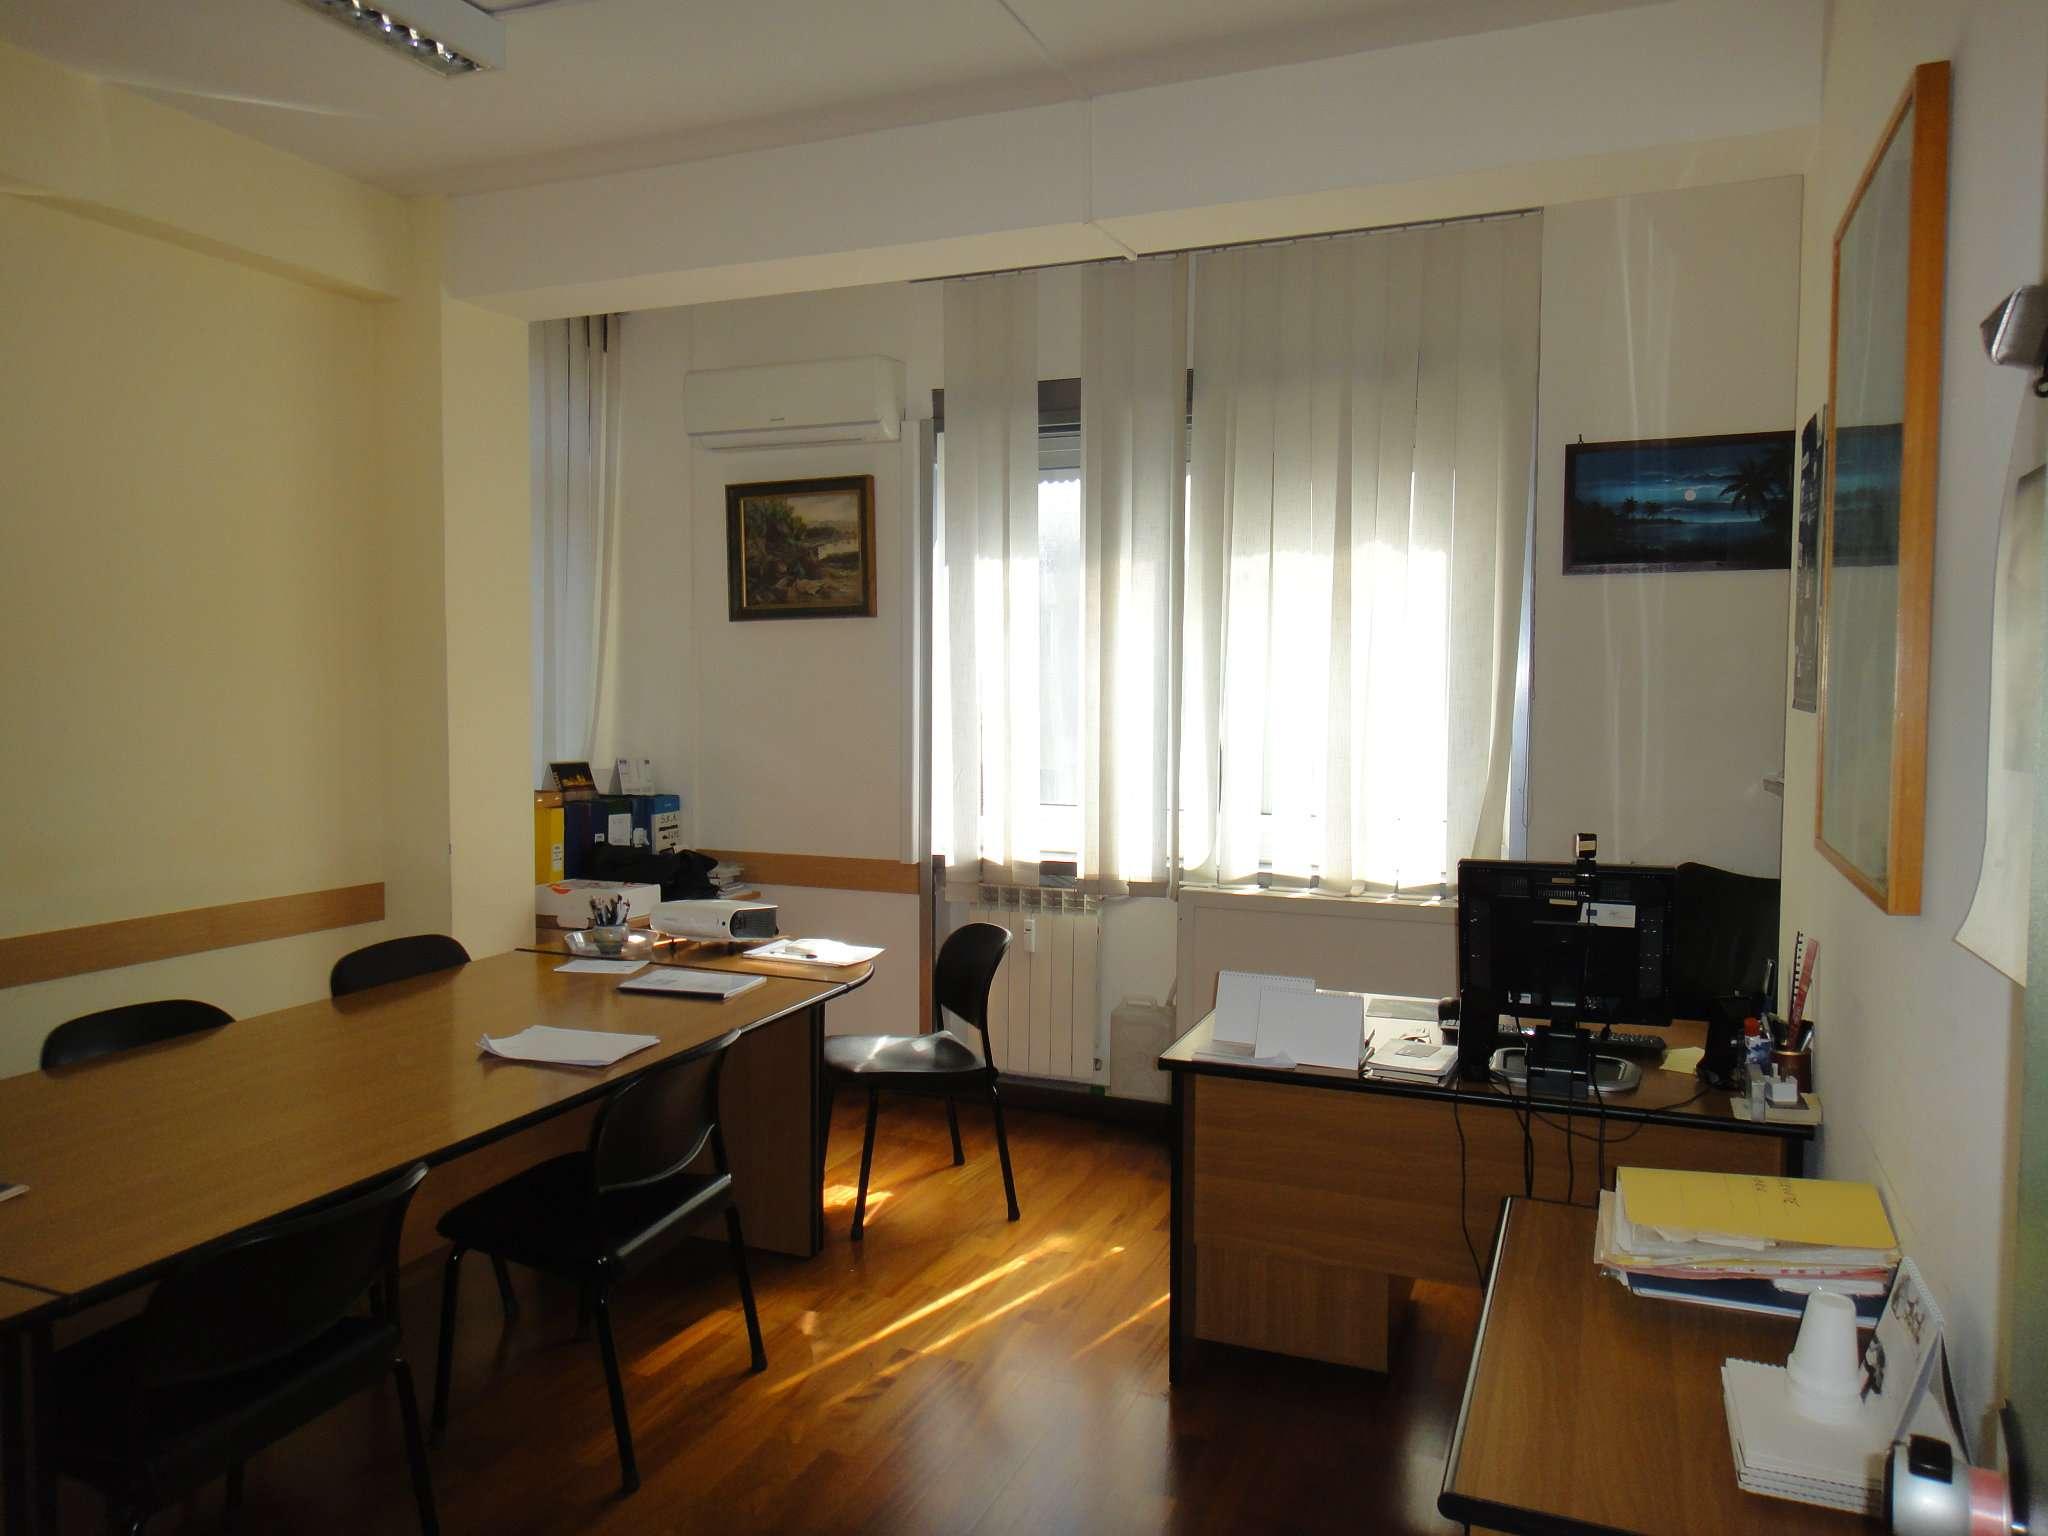 Ufficio in affitto di 9 vani a Napoli  zona Fuorigrotta Rif. 8257912